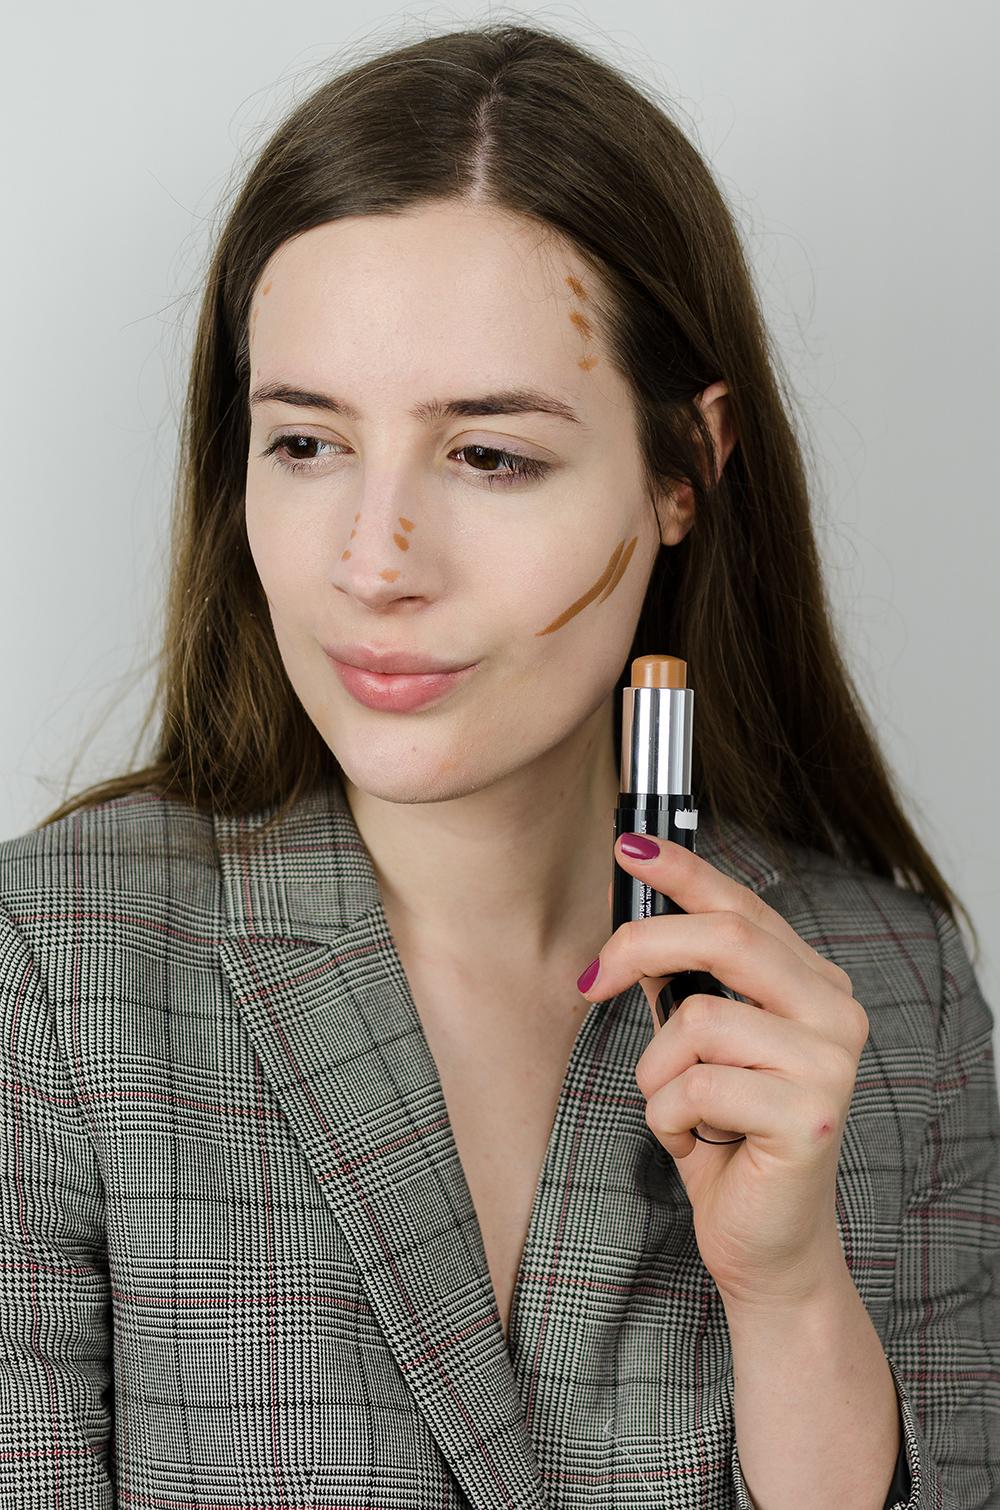 Smokey Eyes schnell und einfach-Schminkanleitung Smokey Eyes-Loreal Paris Make-Up-Beauty Verlosung-andysparkles